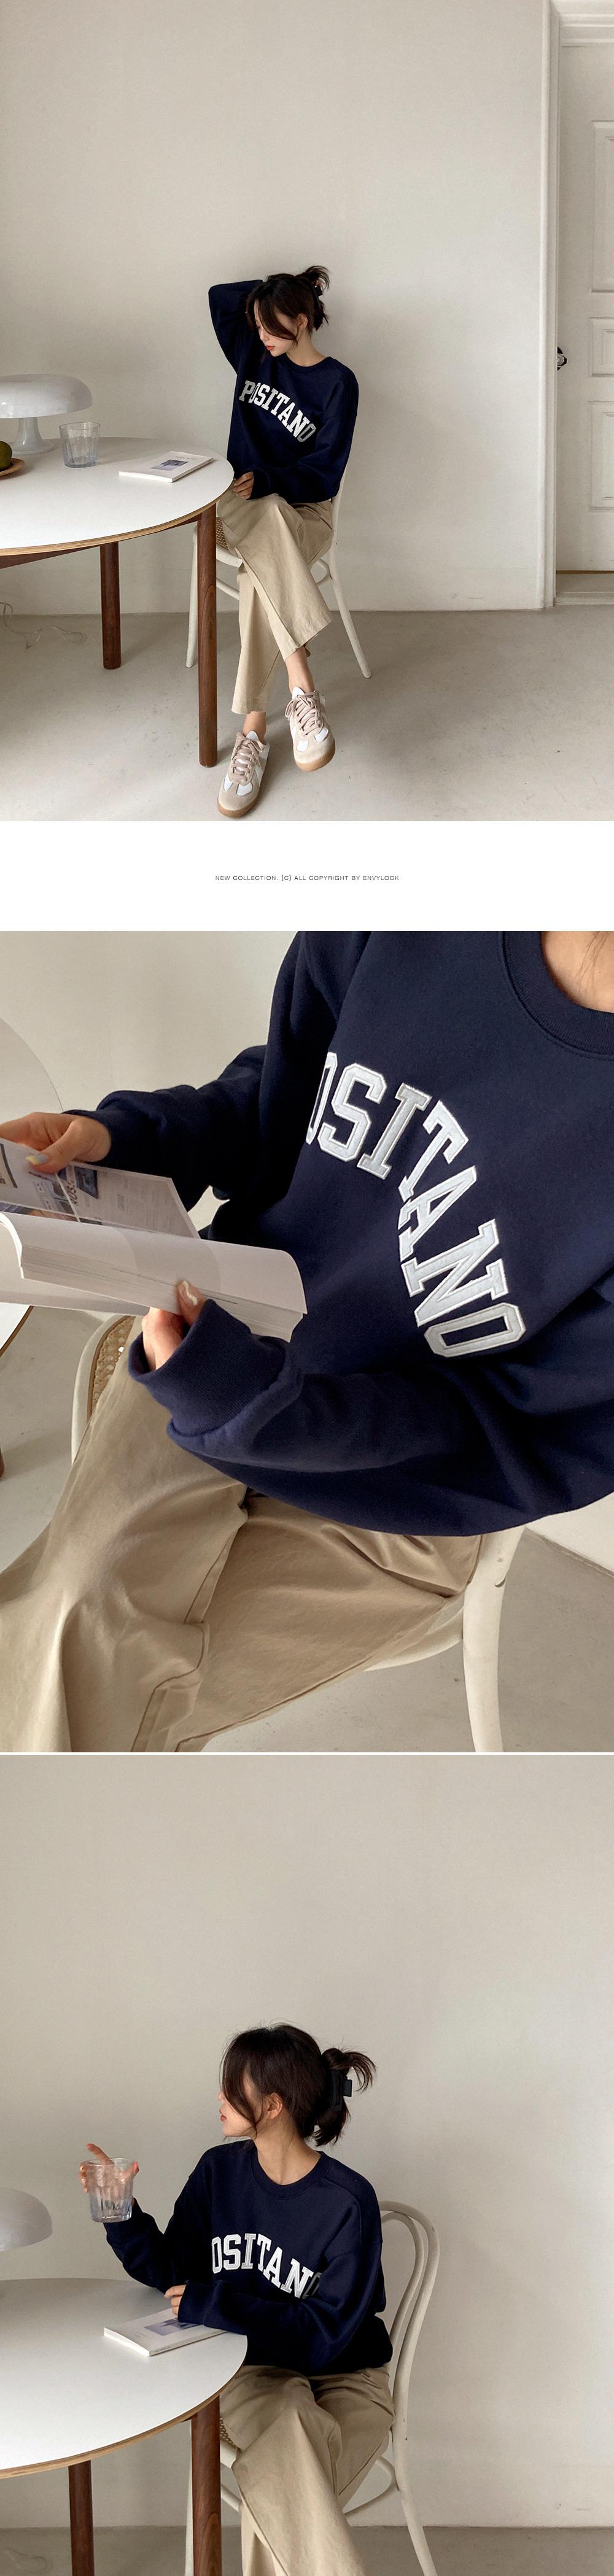 Positano Sweatshirt